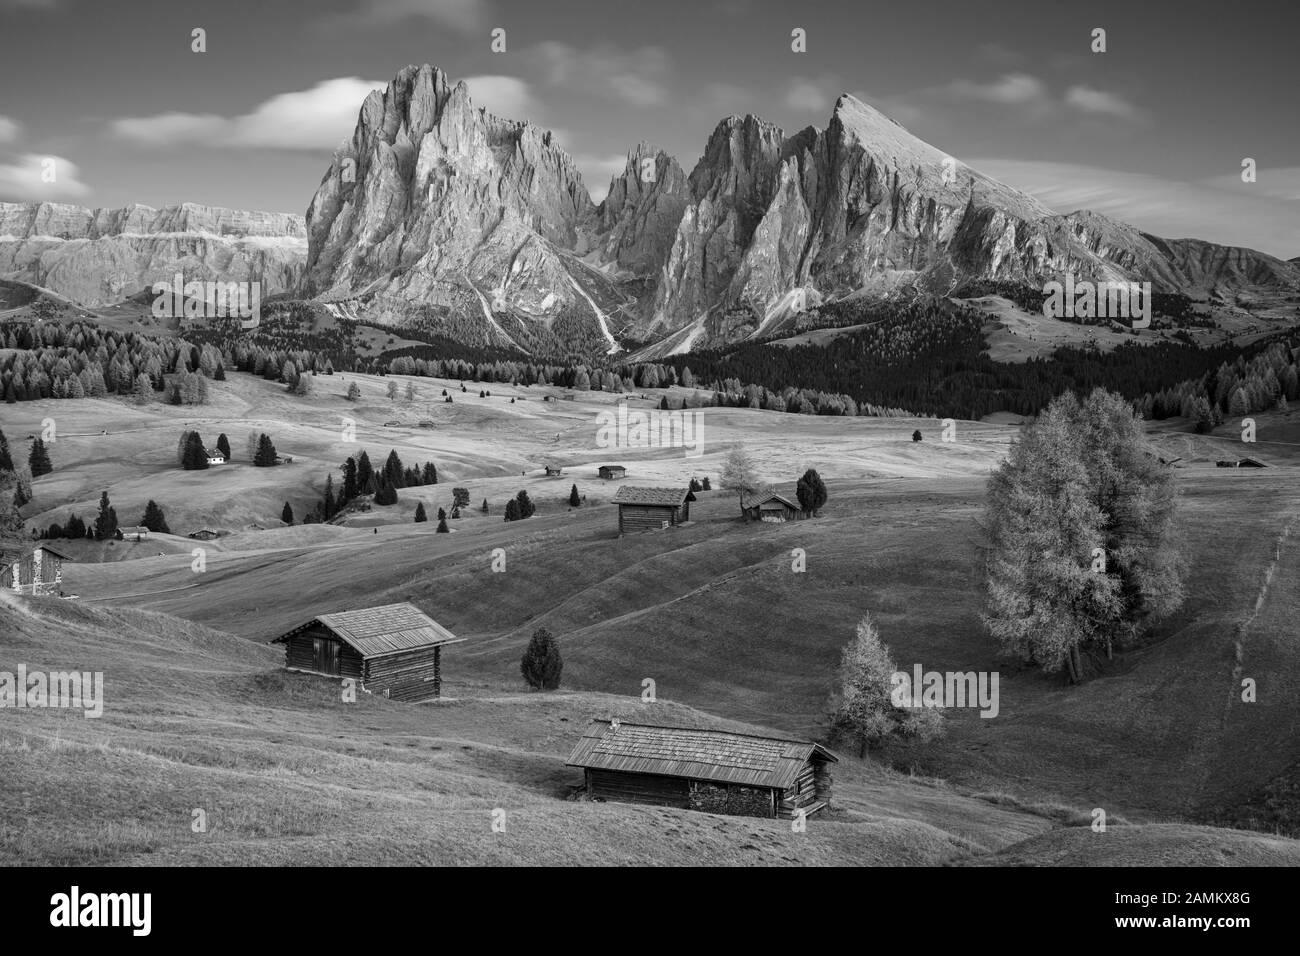 Seiser Alm, Dolomites. Image du paysage noir et blanc du plateau dolomite de Seiser Alm A et du plus grand pré alpin d'Europe. Banque D'Images